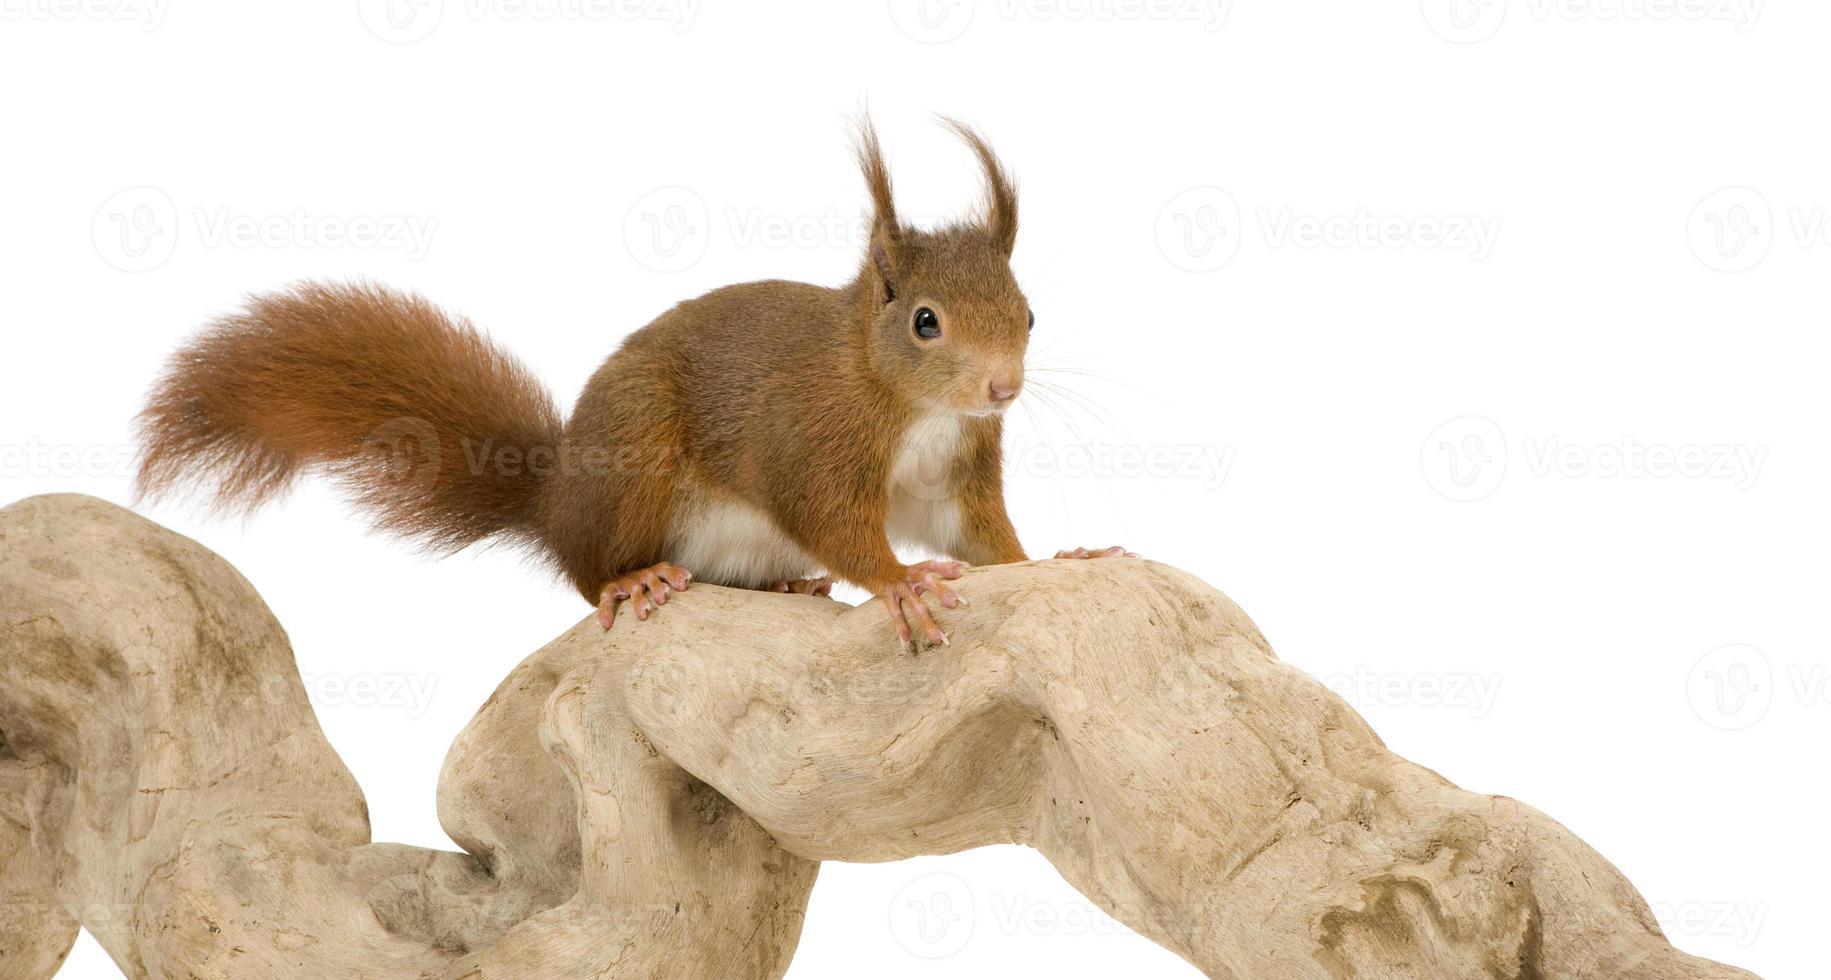 esquilo vermelho euro-asiático - sciurus vulgaris (2 anos) foto